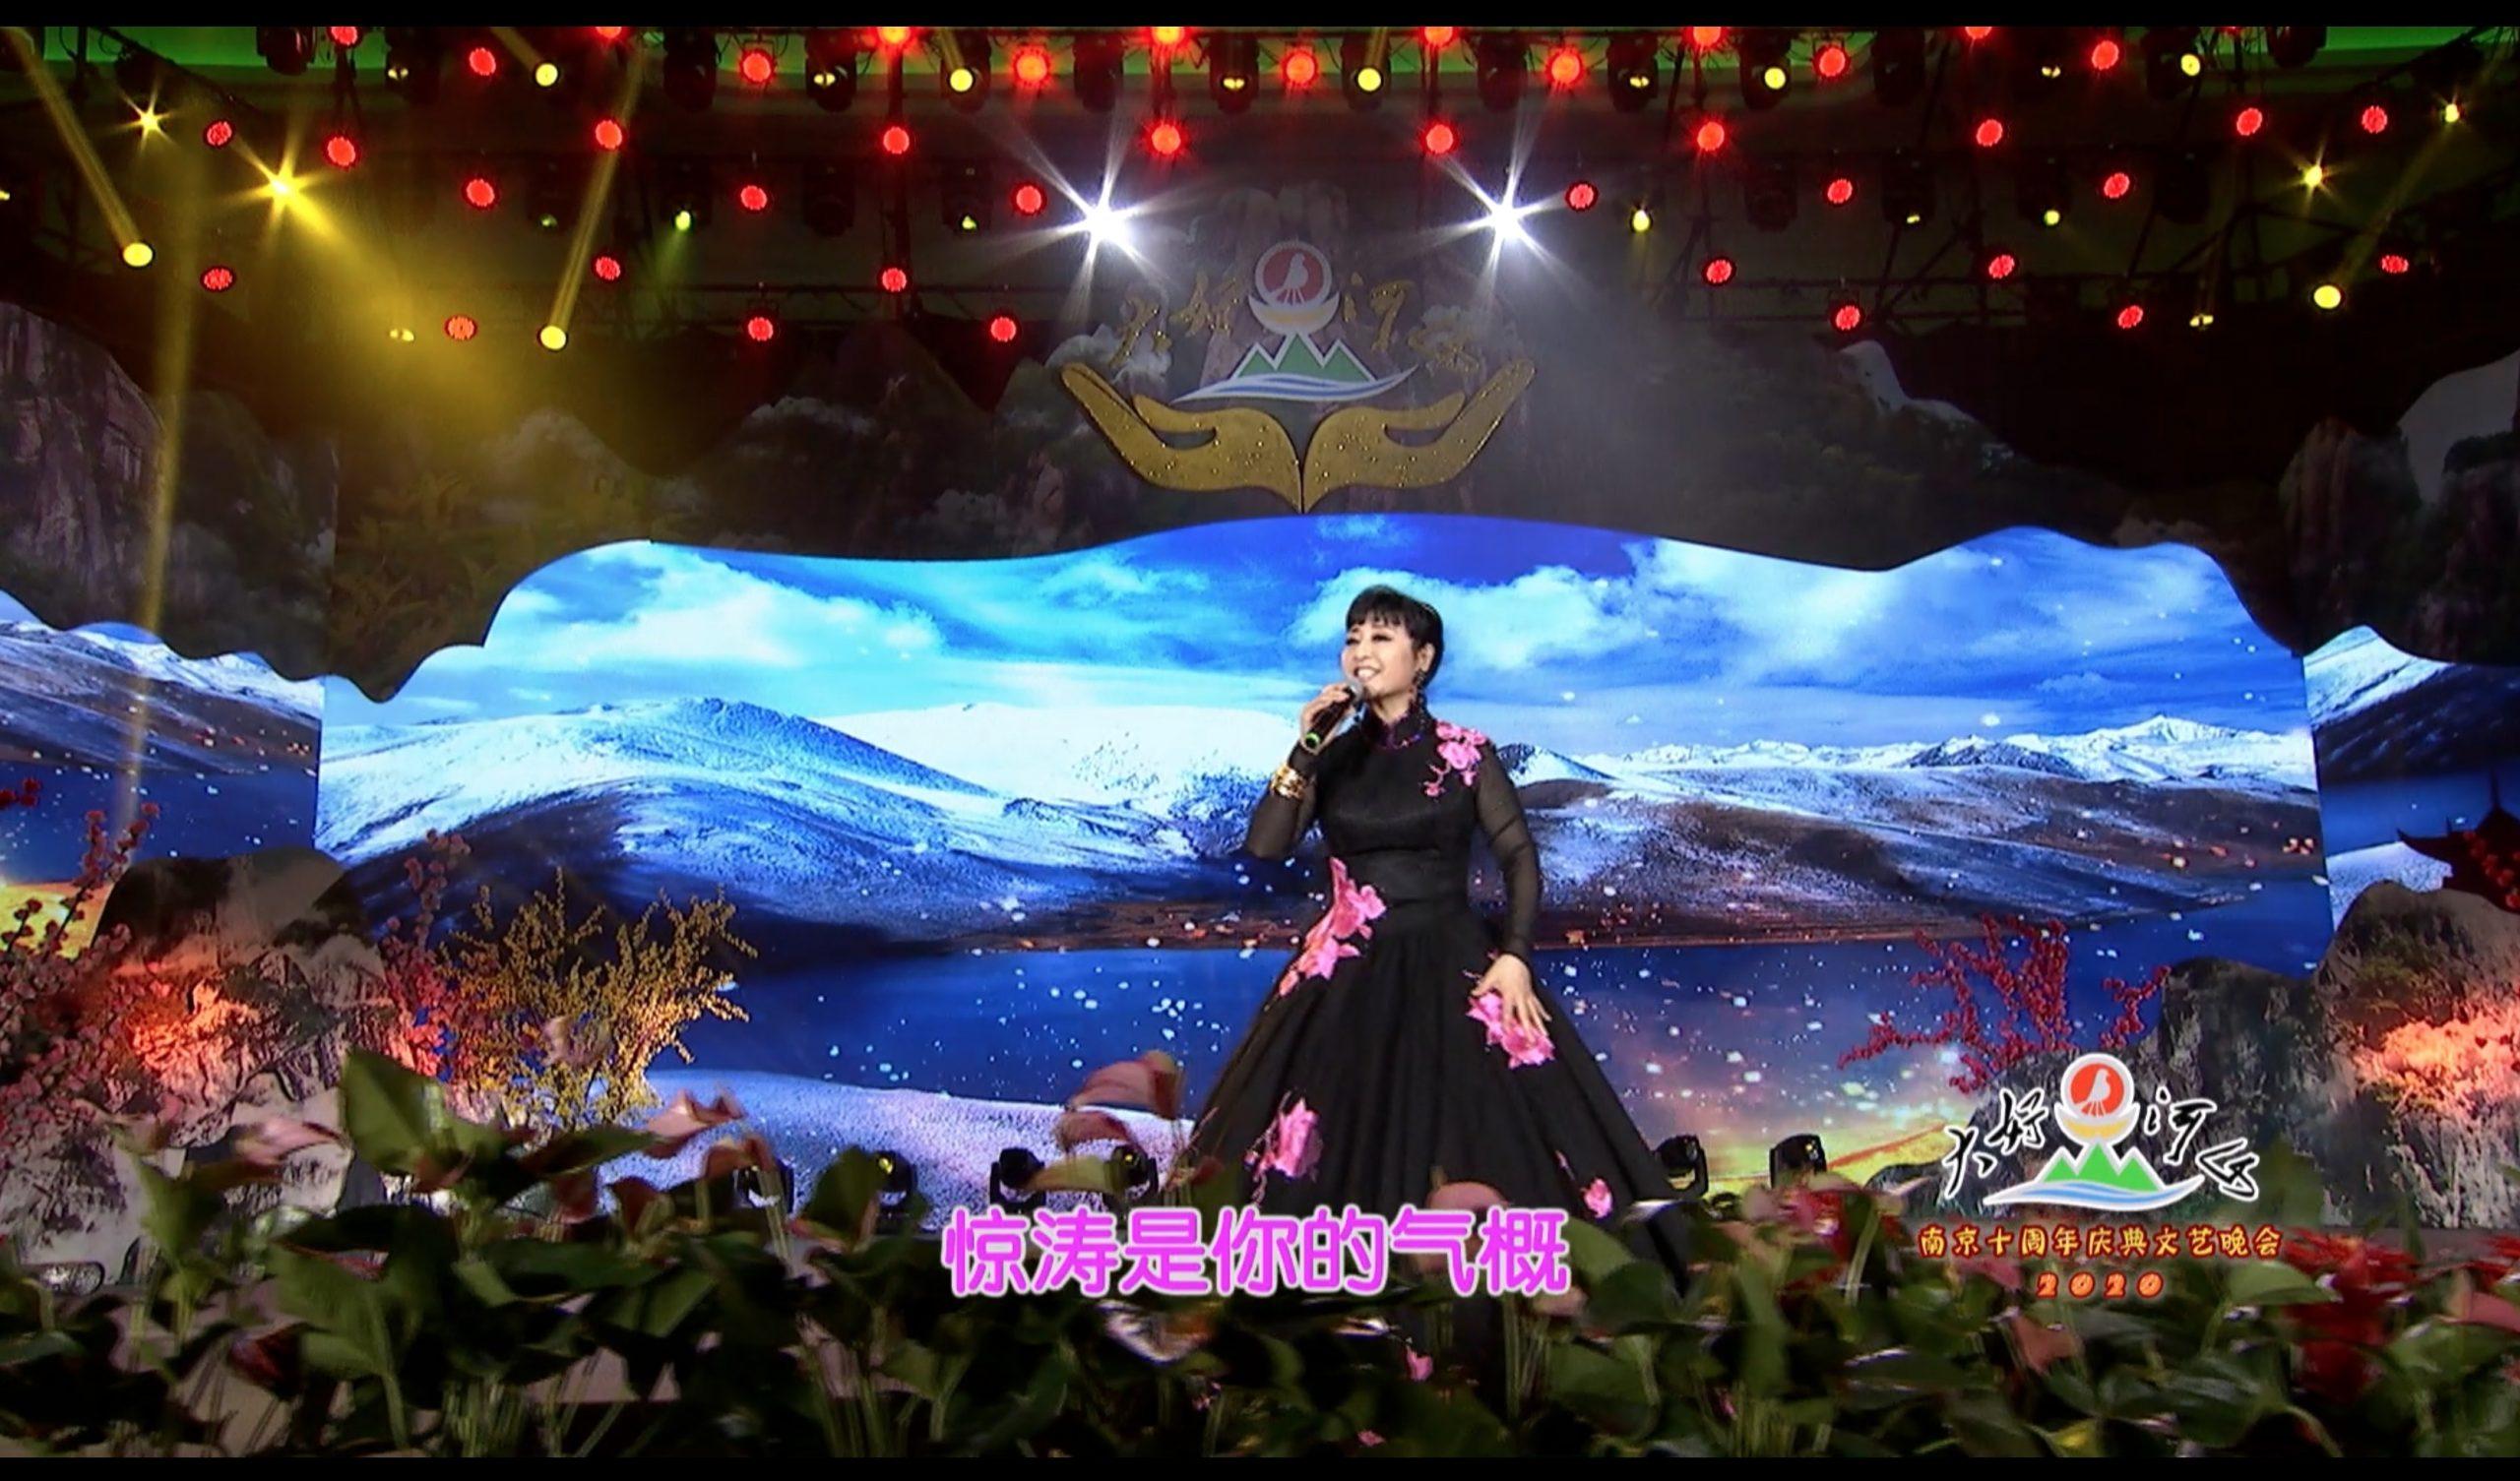 2020大好河山南京十周年庆典公益晚会 歌曲《长江之歌》殷秀梅